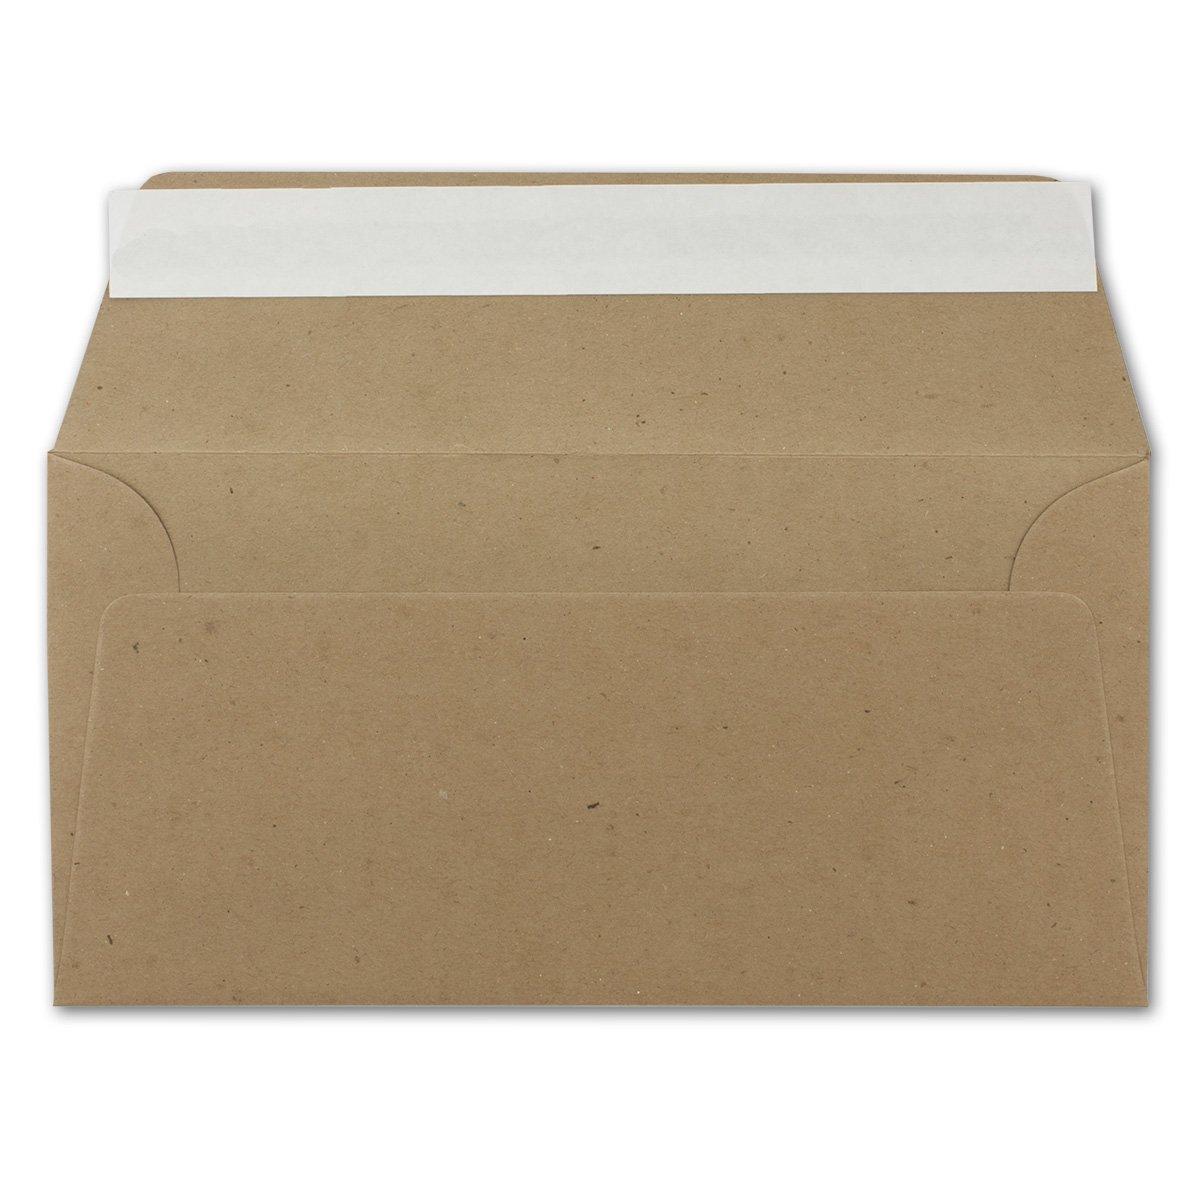 100x Kraftpapier-Umschl/äge DIN Lang Nassklebung 11 x 22 cm sandbraun Einladungs-Umschl/äge Serie UmWelt Brief-Umschl/äge aus Recycling-Papier